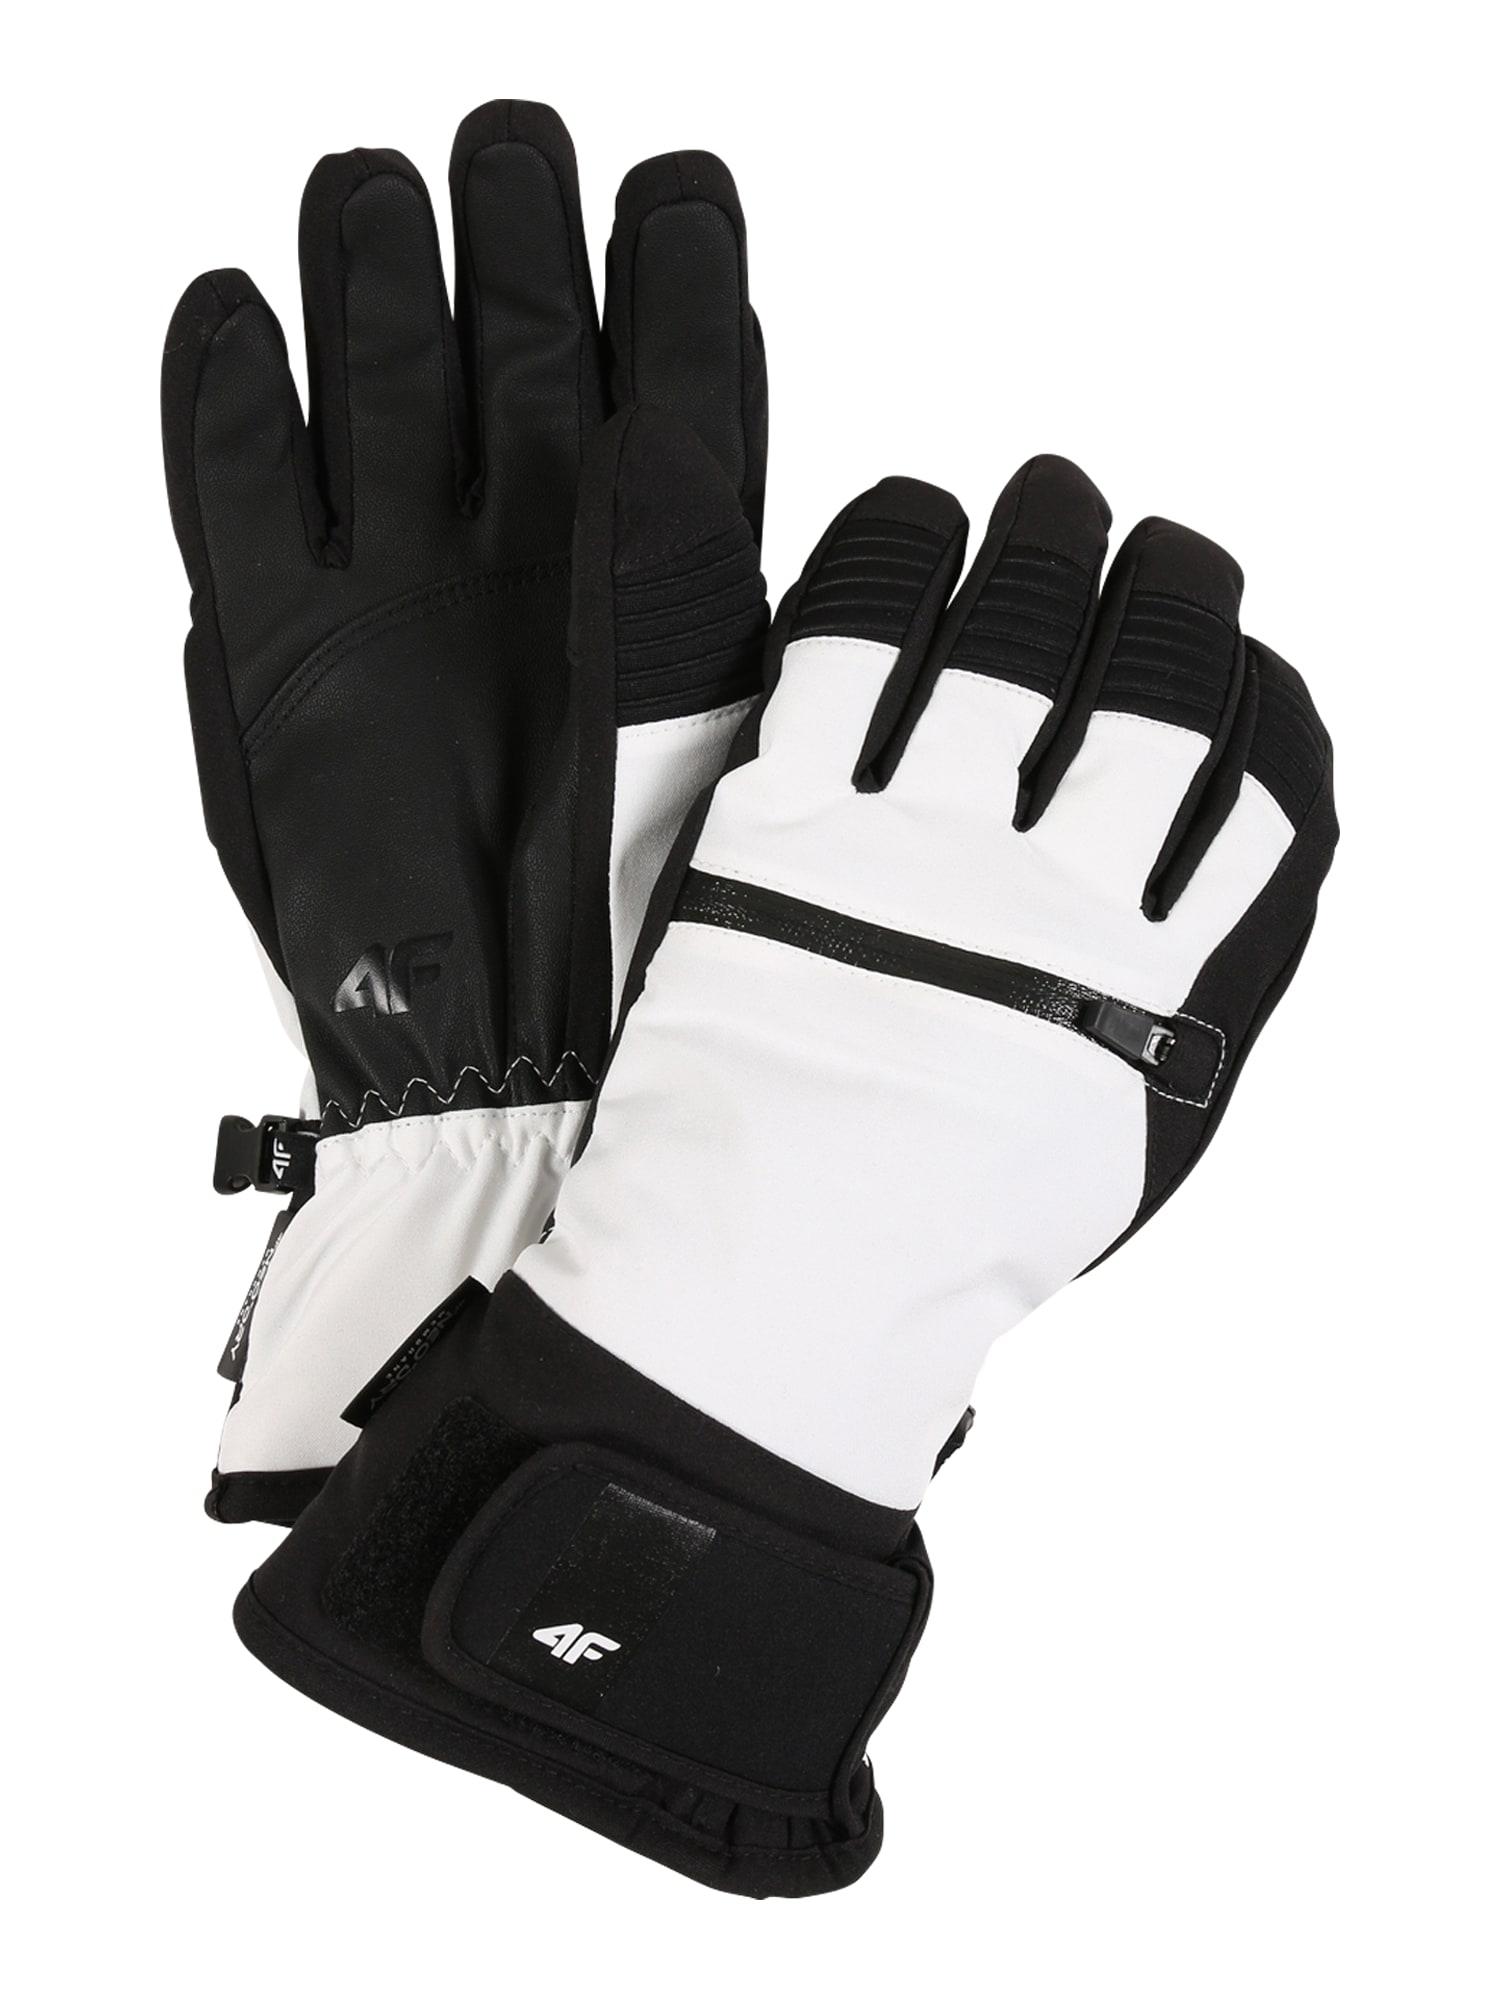 4F Sportinės pirštinės balta / juoda